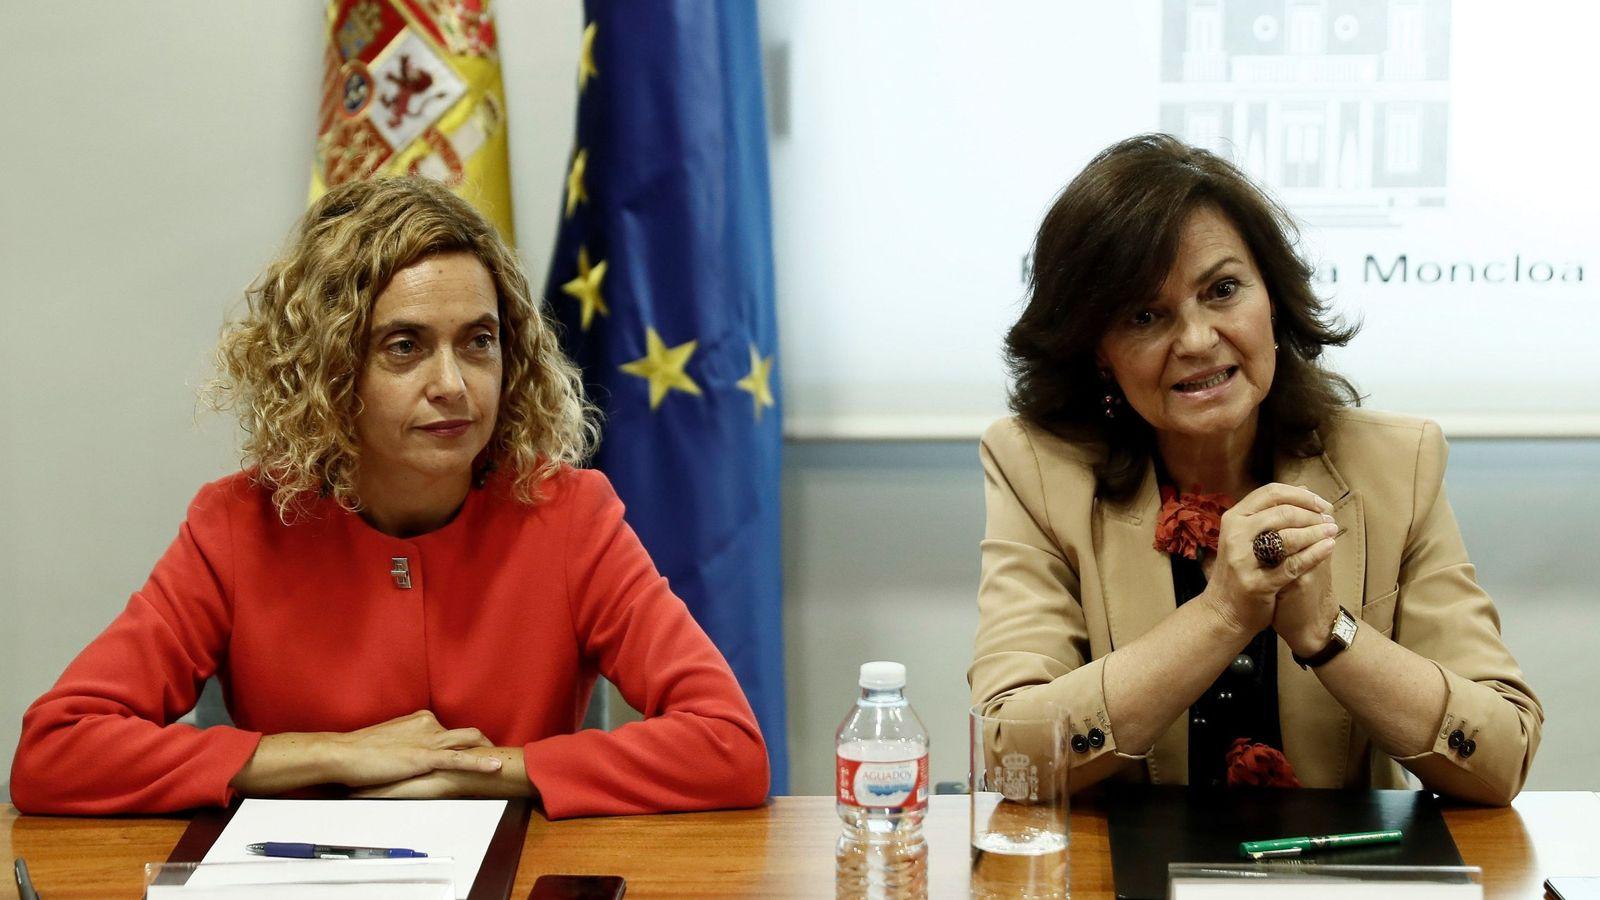 Foto: La vicepresidenta y la ministra de Política Territorial, Carmen Calvo (d) y Meritxell Batet, el pasado 25 de septiembre en la Moncloa. (EFE)